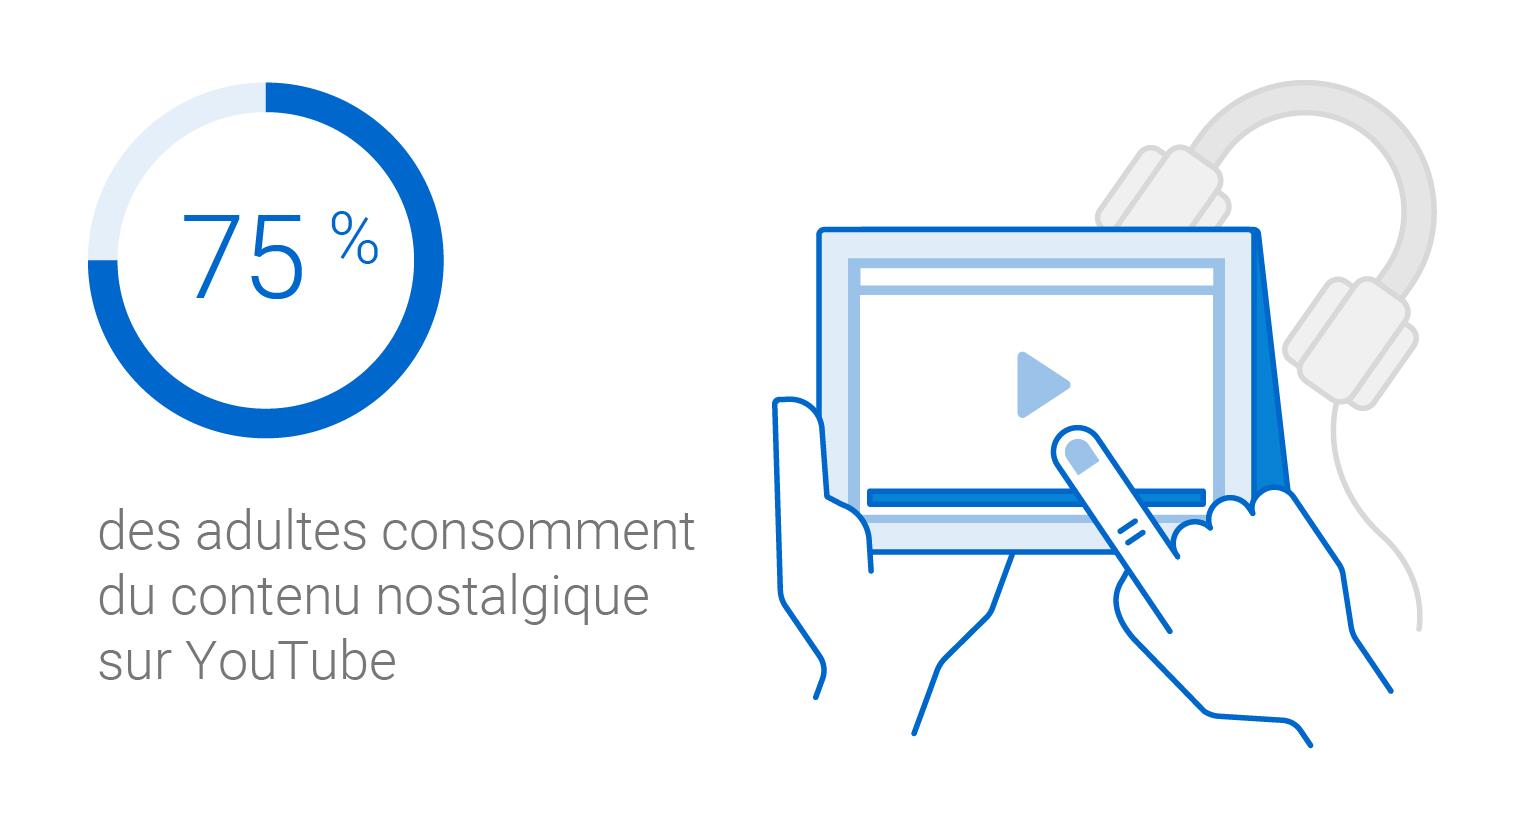 Infographie indiquant que 75 % des adultes consomment du contenu nostalgique sur YouTube.